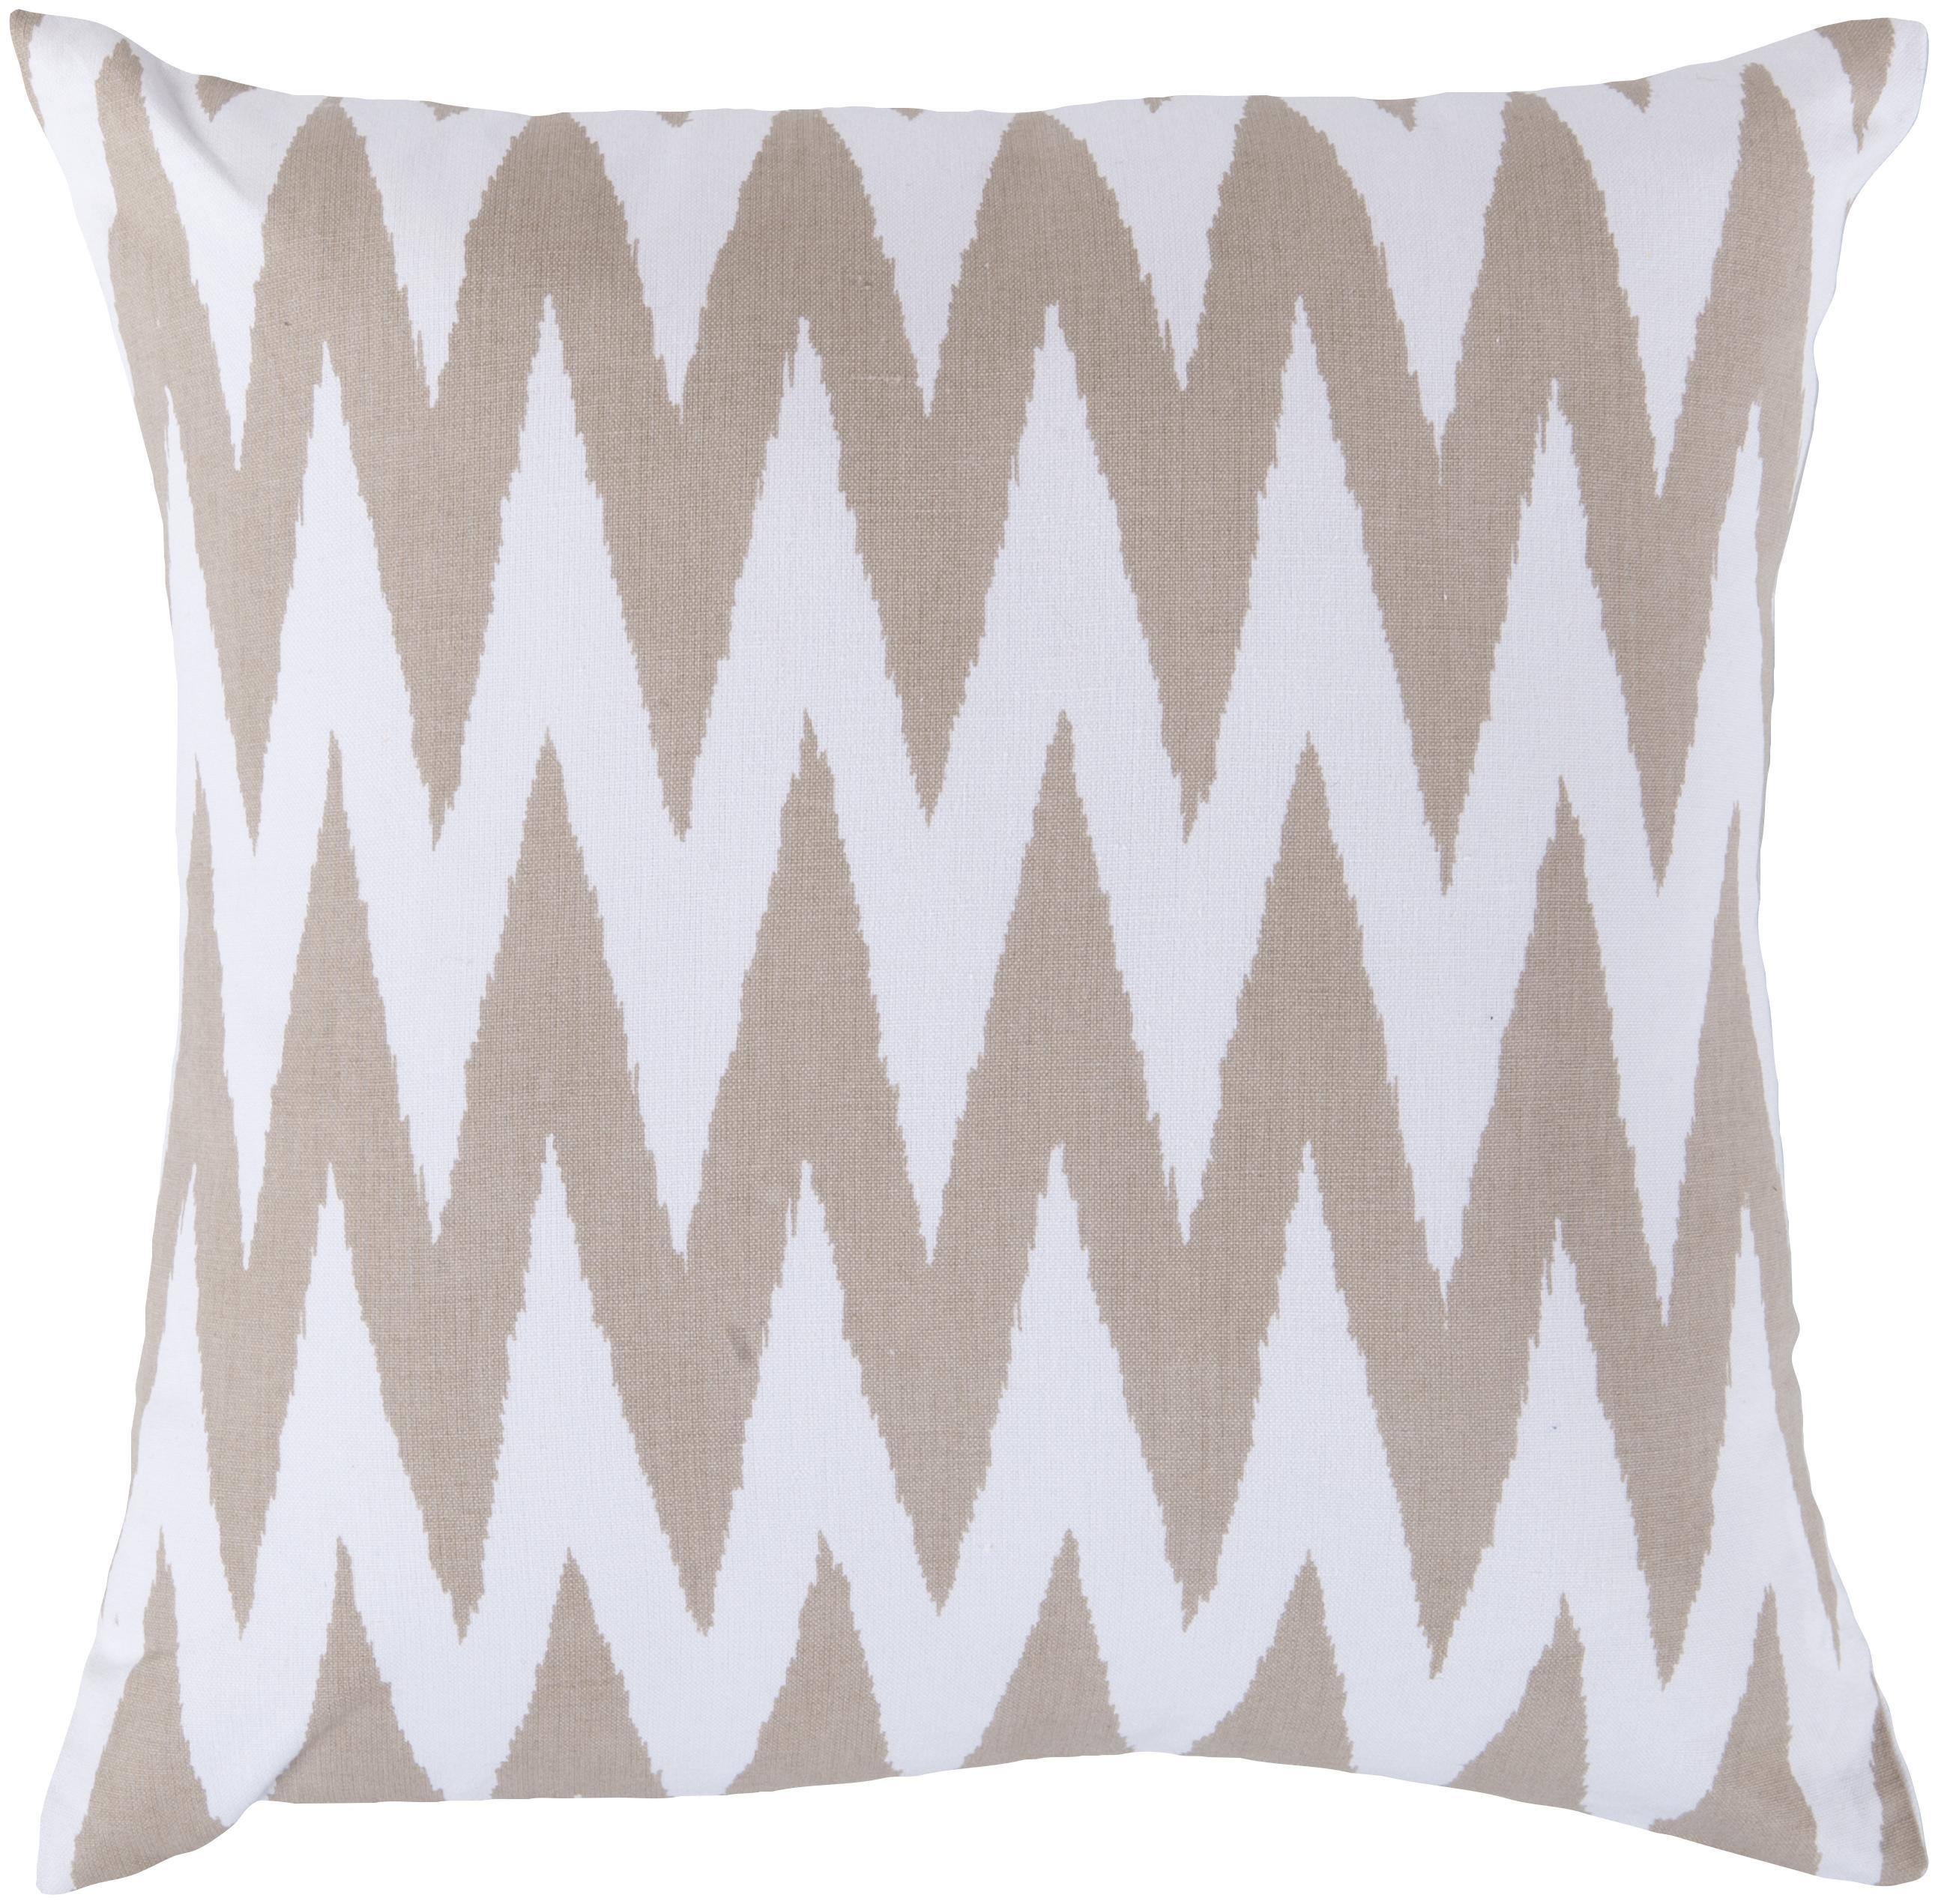 """Surya Pillows 18"""" x 18"""" Pillow - Item Number: LG527-1818P"""